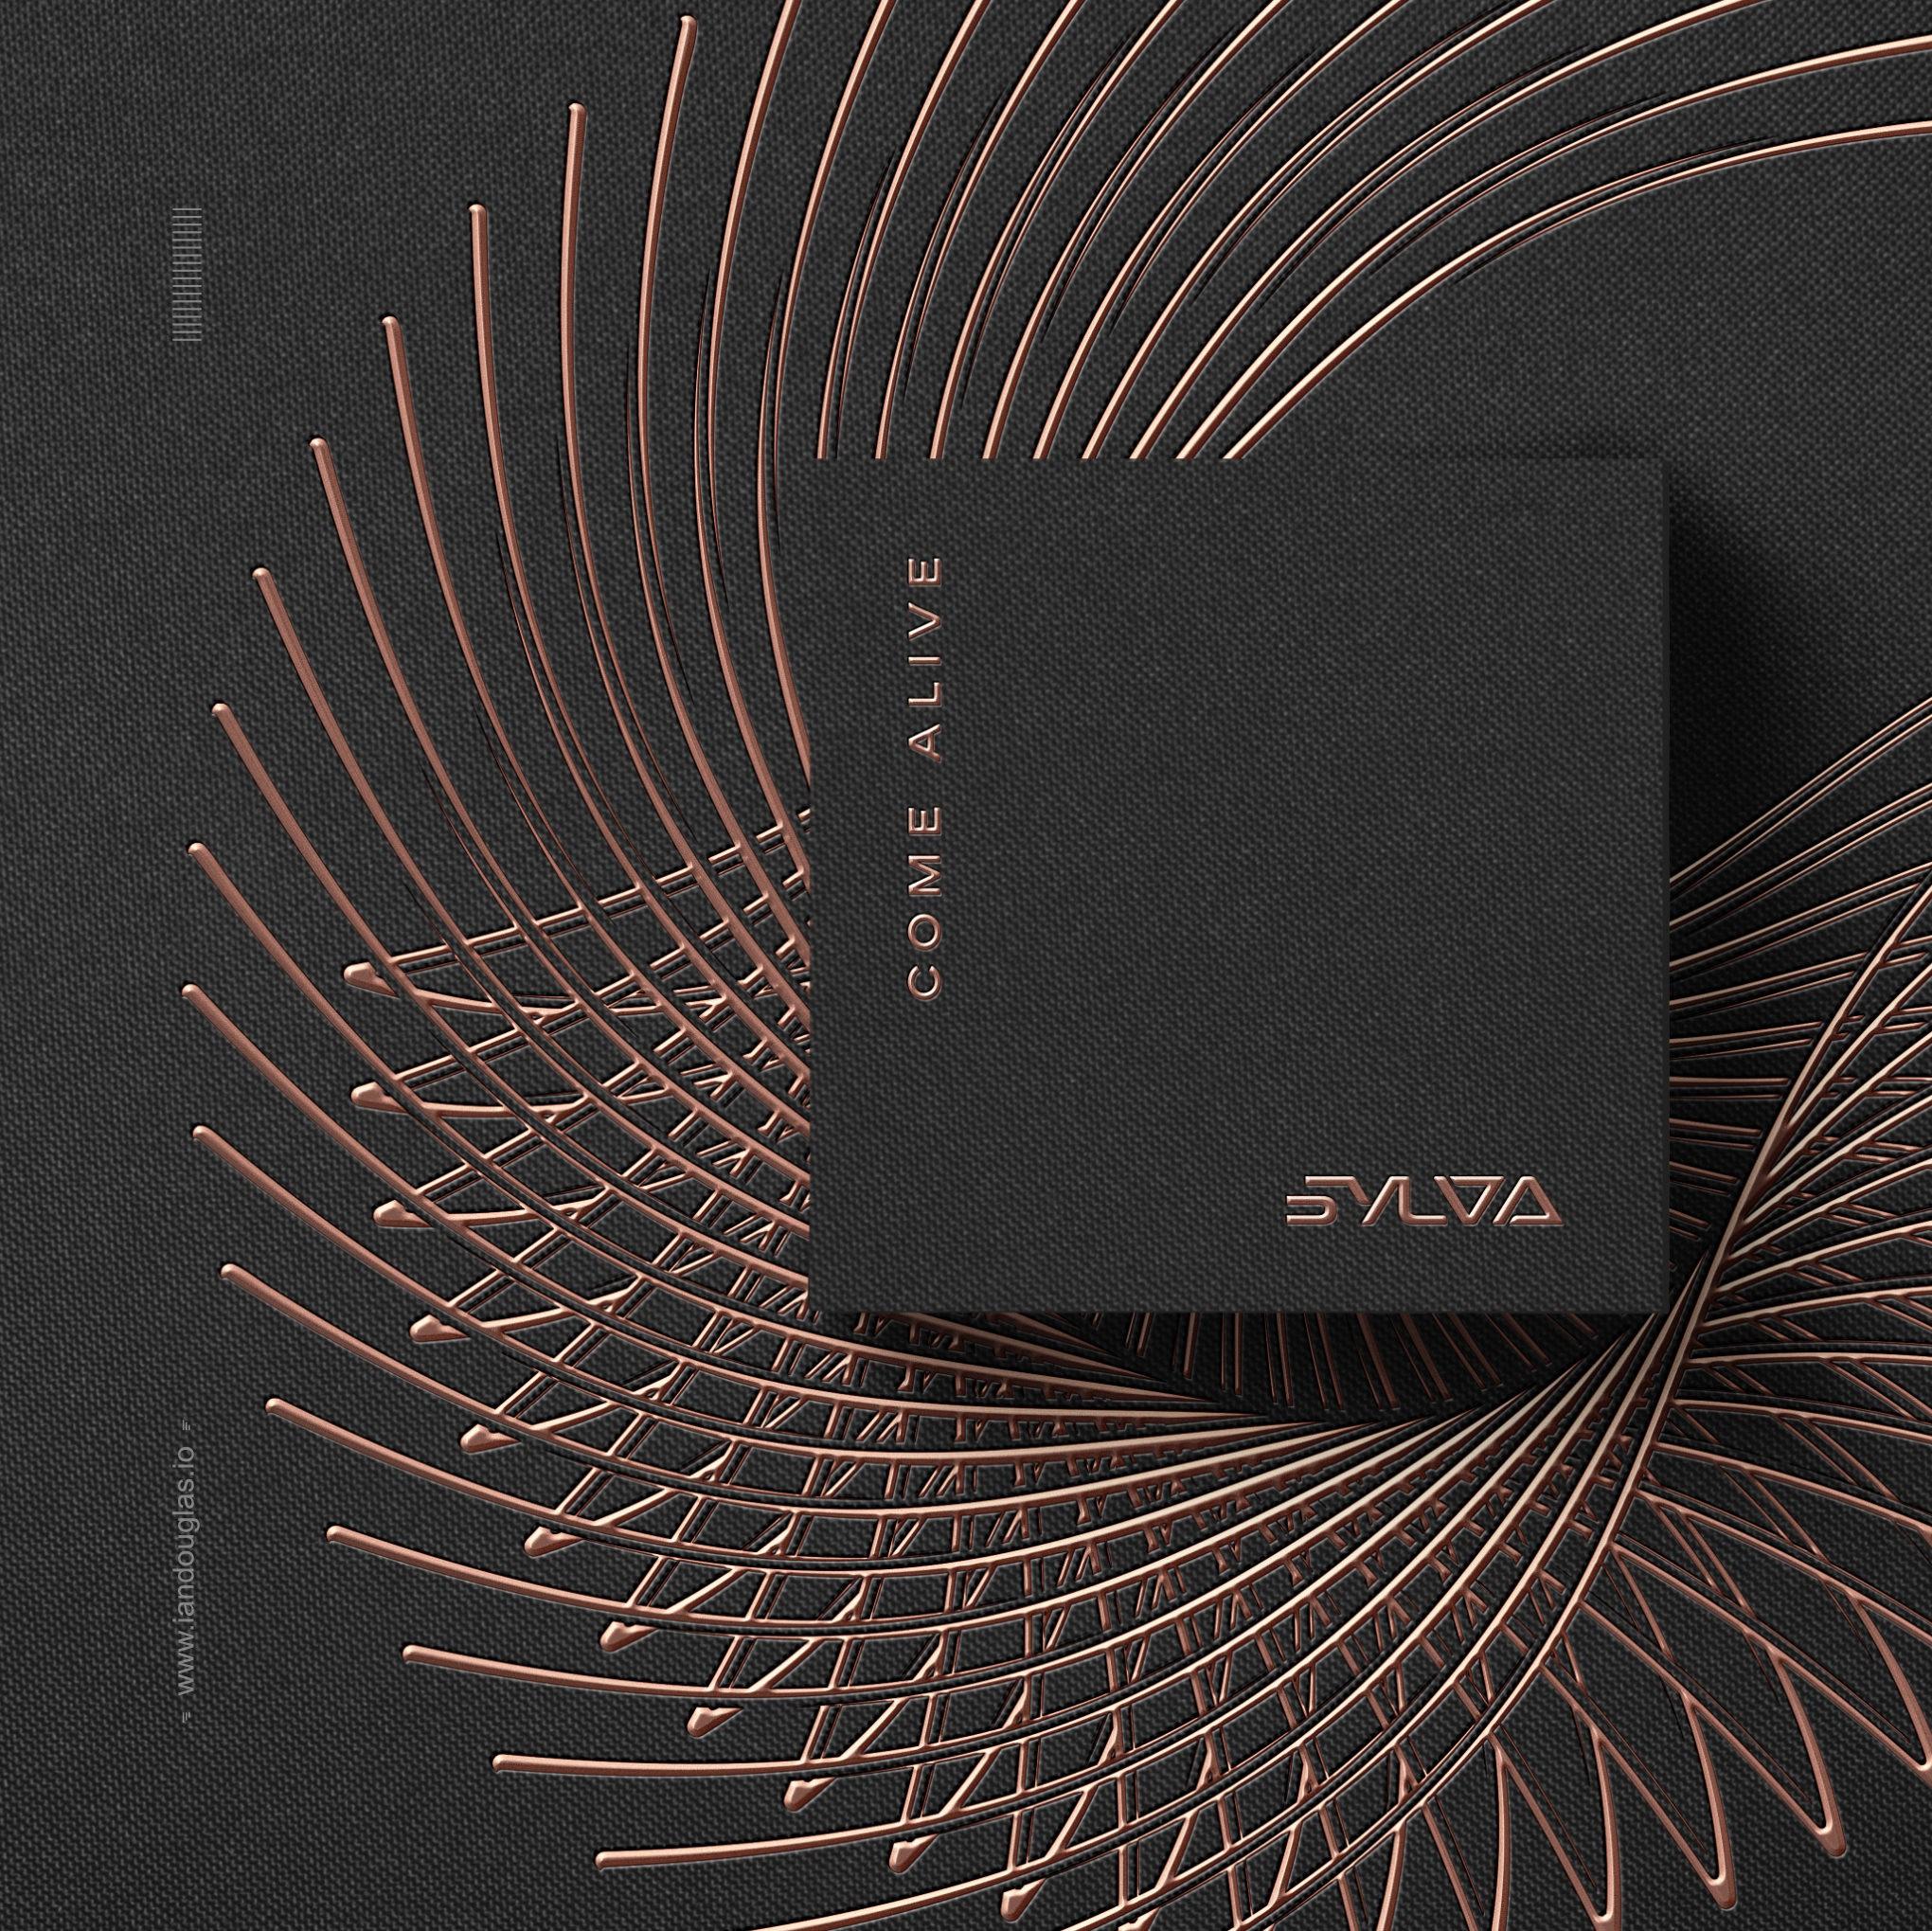 Sylva Album Cover Design